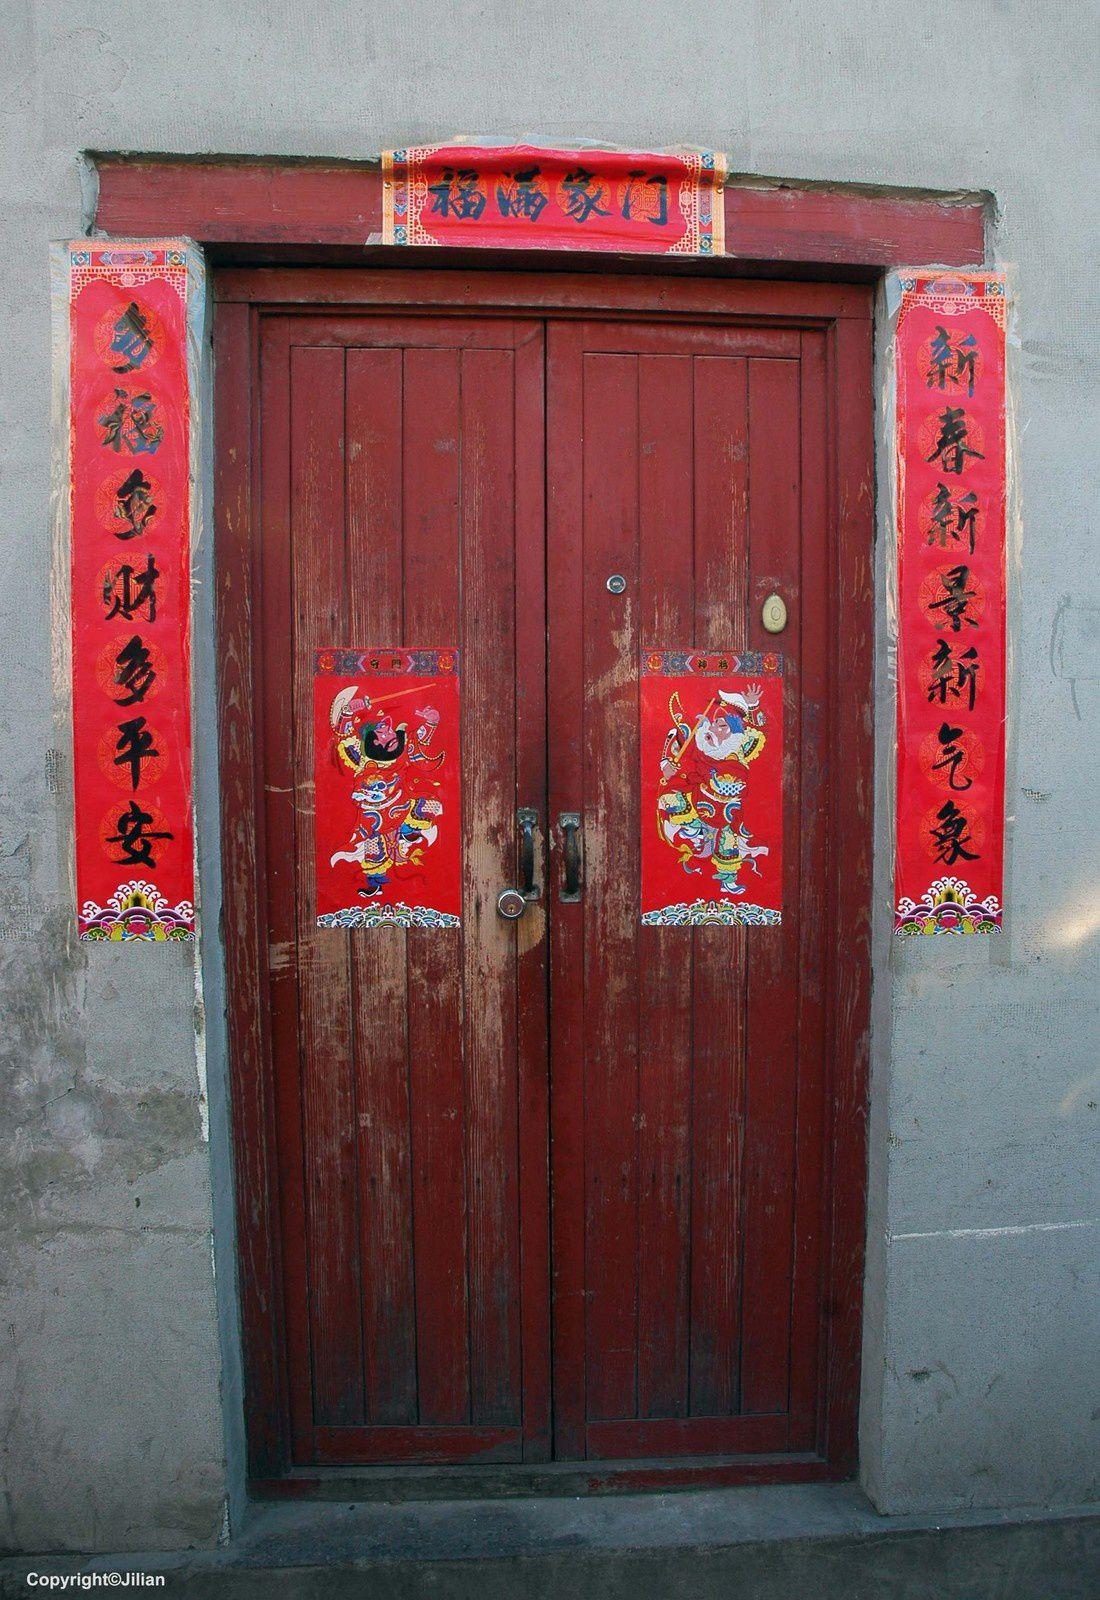 Au-dessus de la porte: pour une maisonnée heureuse &#x3B; à droite : une nouvelle année, une nouvelle situation, une nouvelle atmosphère &#x3B; à gauche : beaucoup de joies, beaucoup d'argent, beaucoup de paix